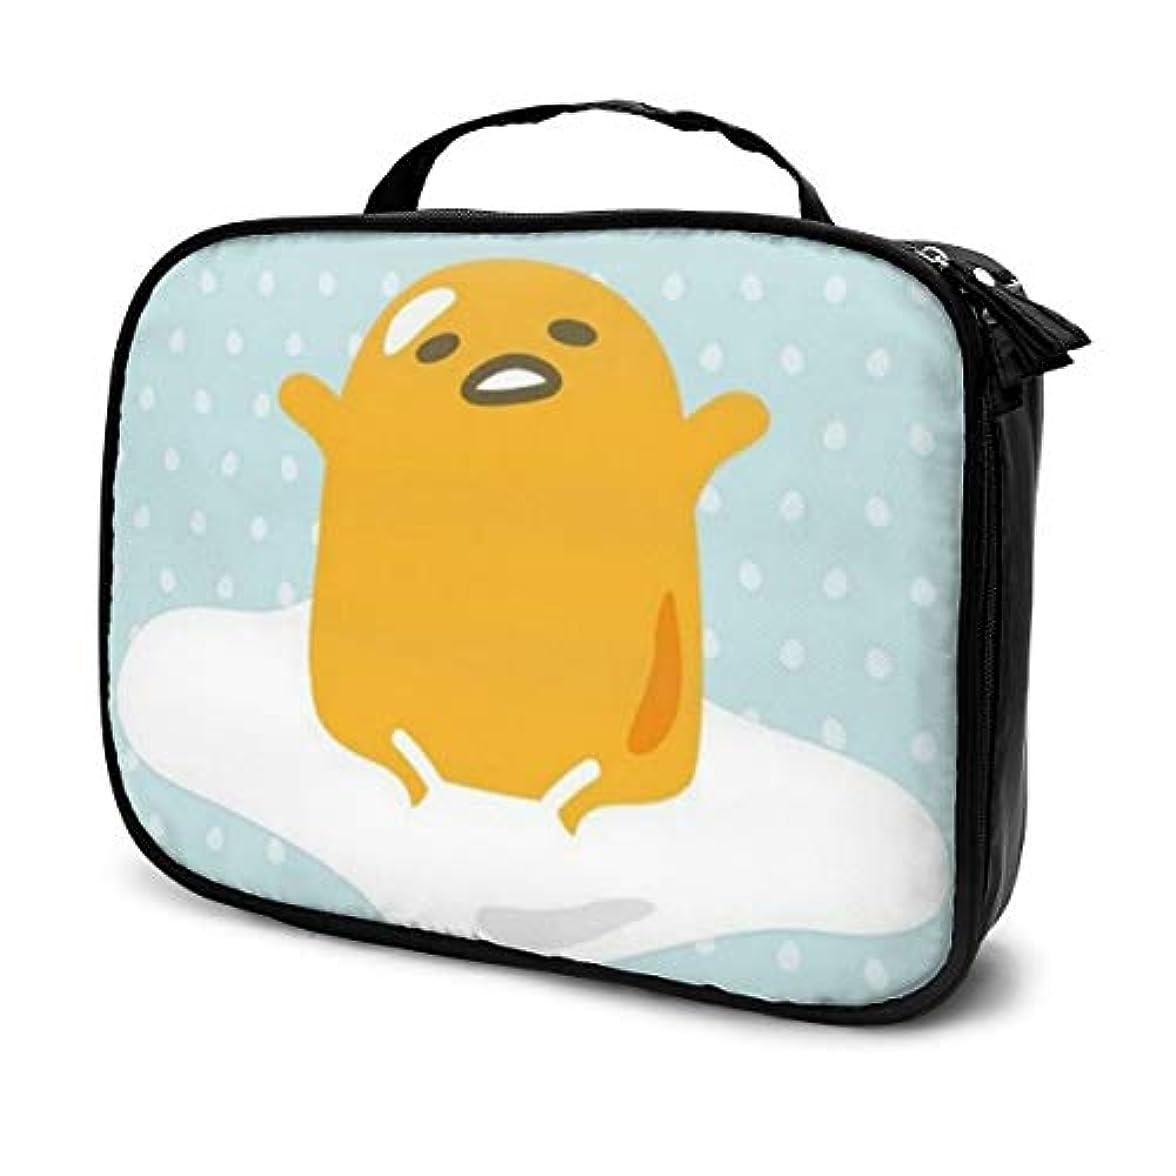 全国ベッドを作るチートぐでたま 化粧ポーチ 化粧バッグ メイクボックス コスメバック 化粧箱 大容量 機能的 便携式 收納抜群 プロ用 旅行 家用